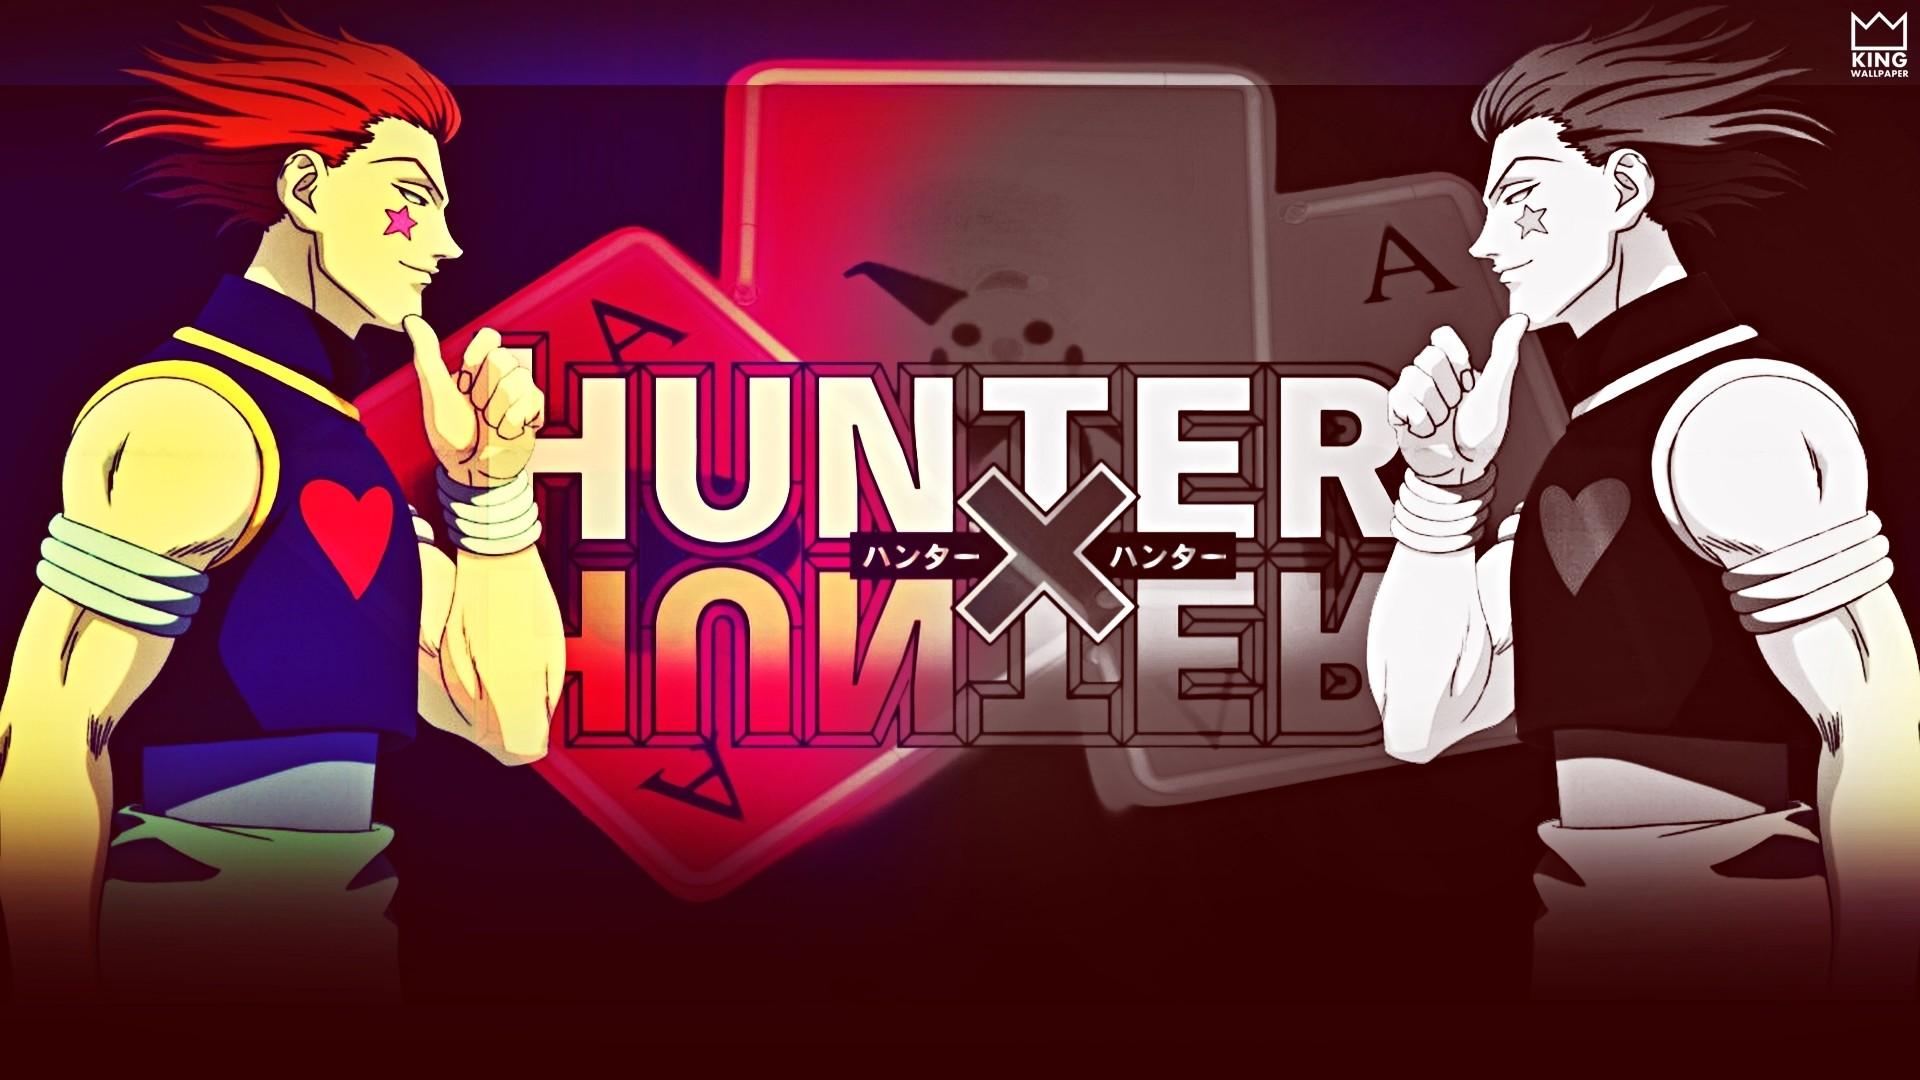 Hisoka Wallpapper – @Hunter X Hunter by Kingwallpaper on DeviantArt